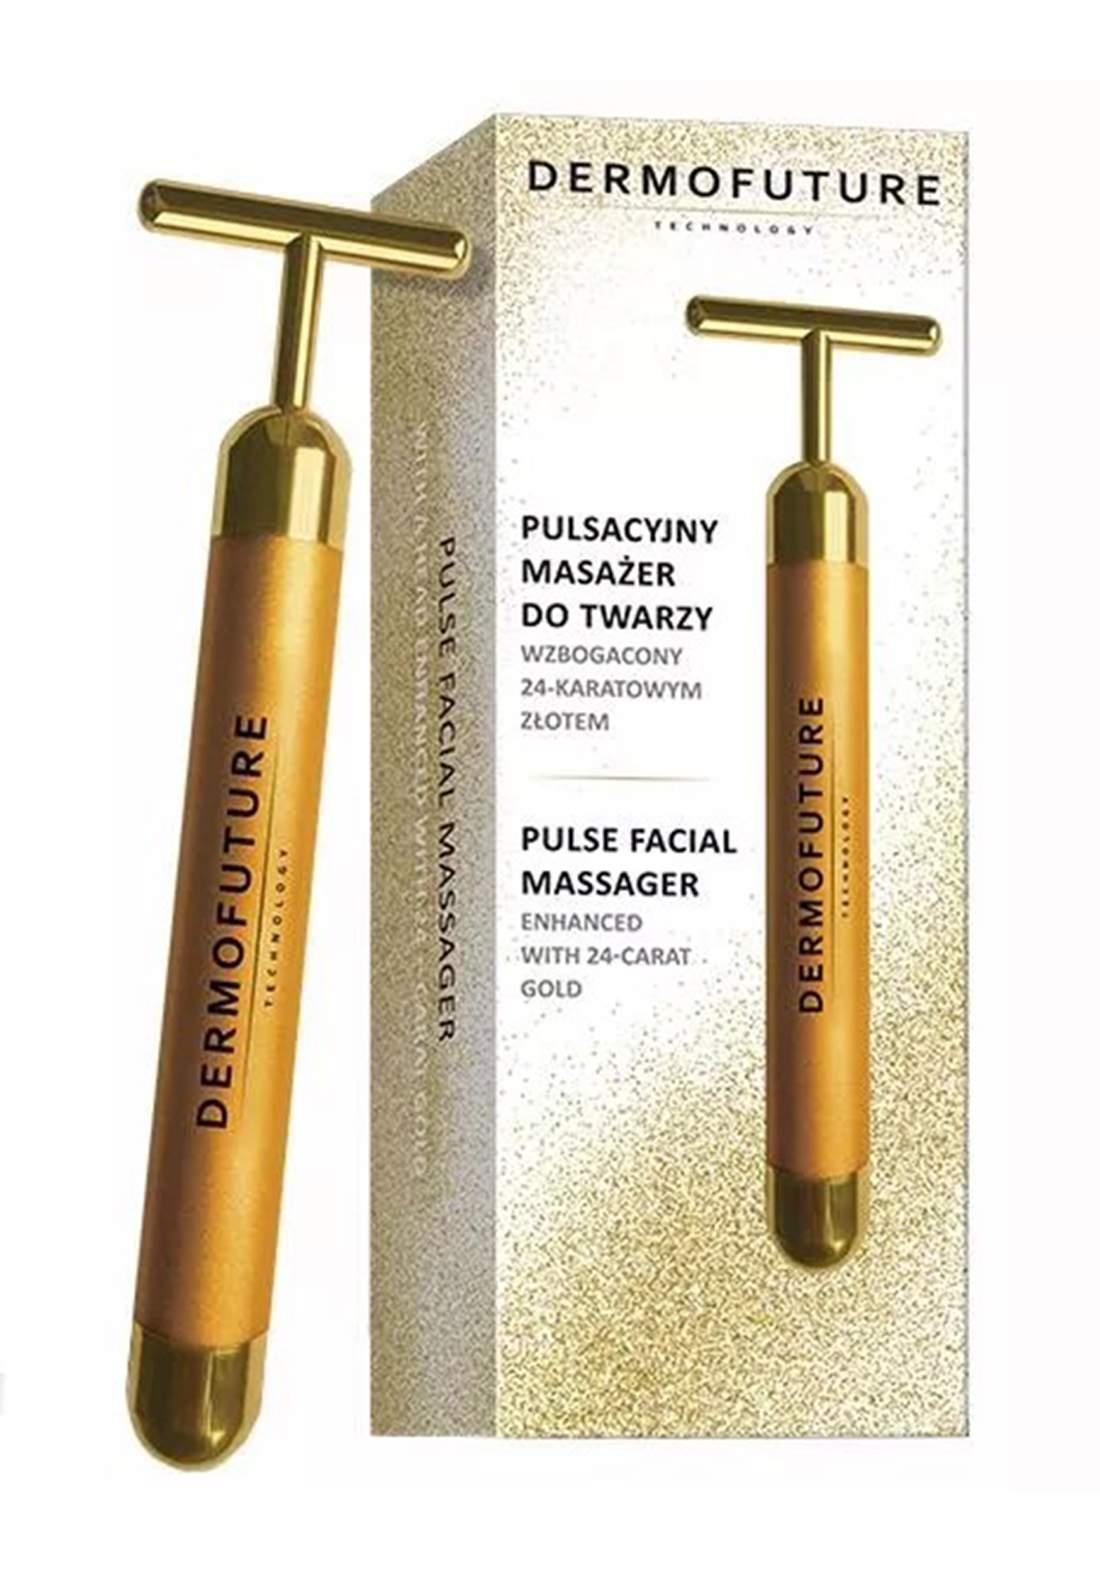 Dermofuture Facial Massager جهاز المساج النبضي